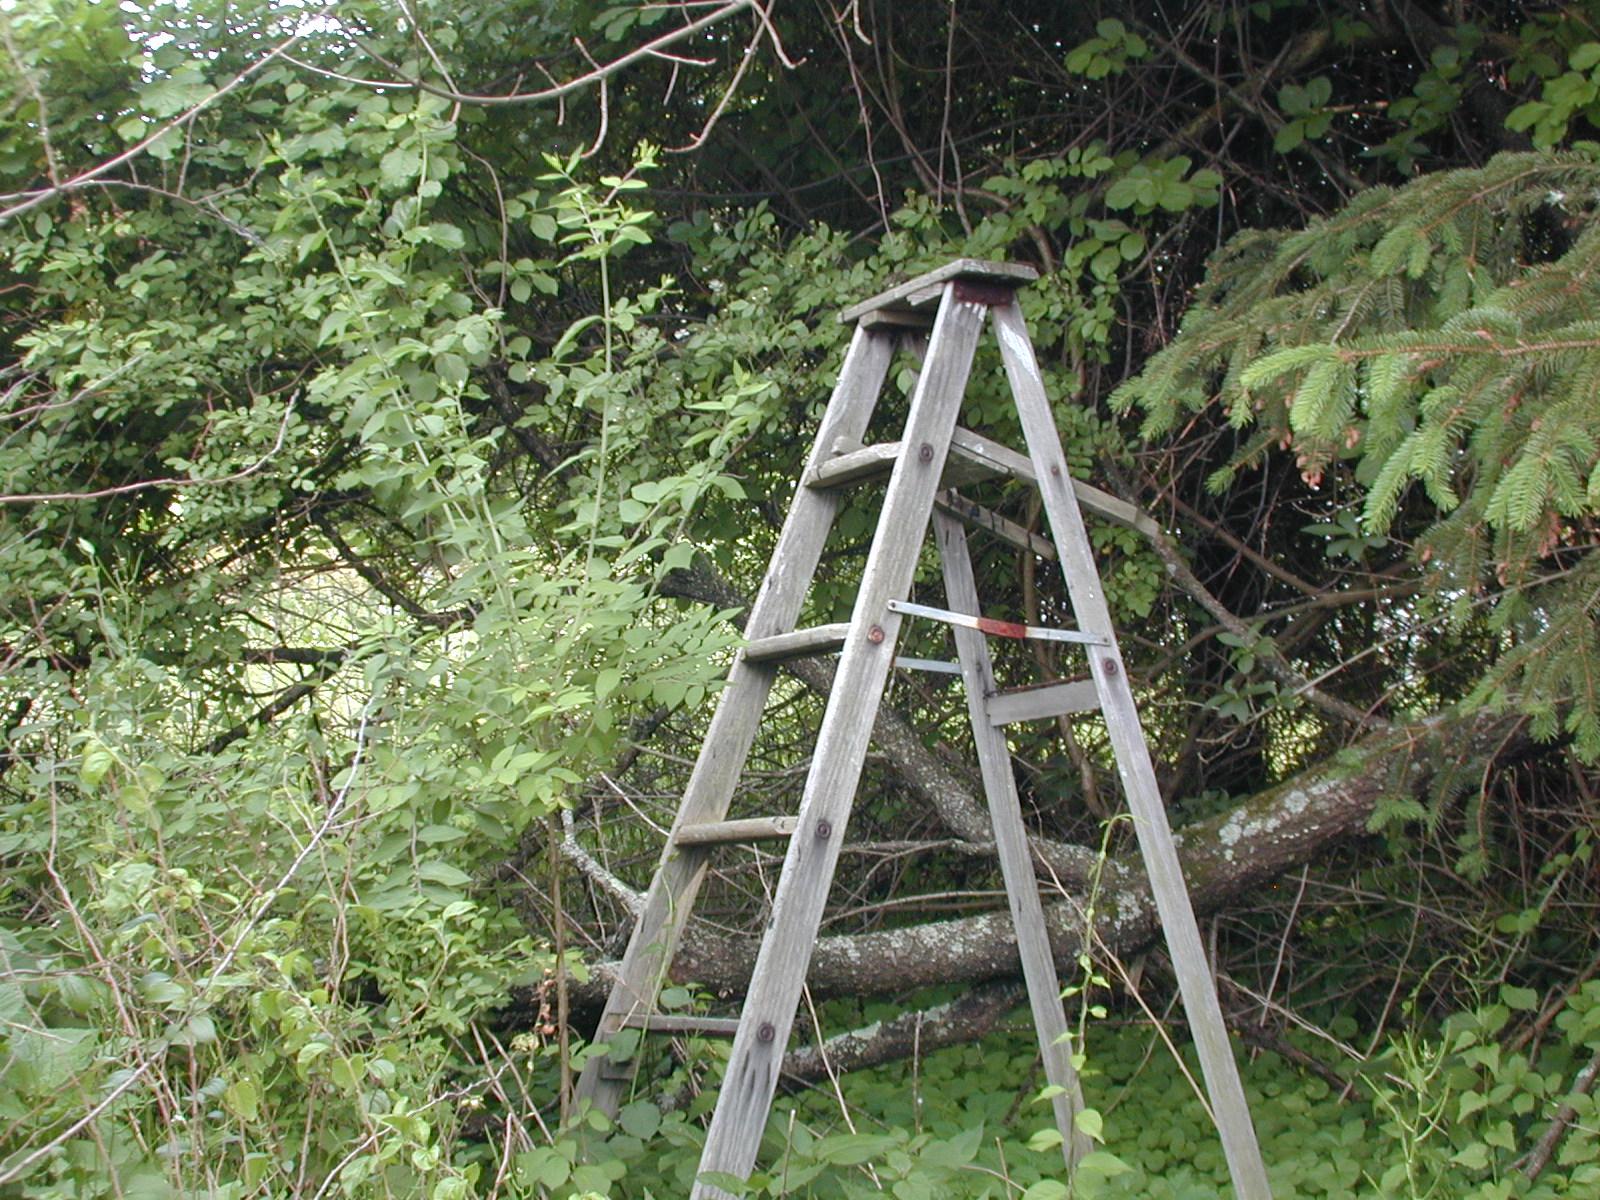 Third unknown house, ladder